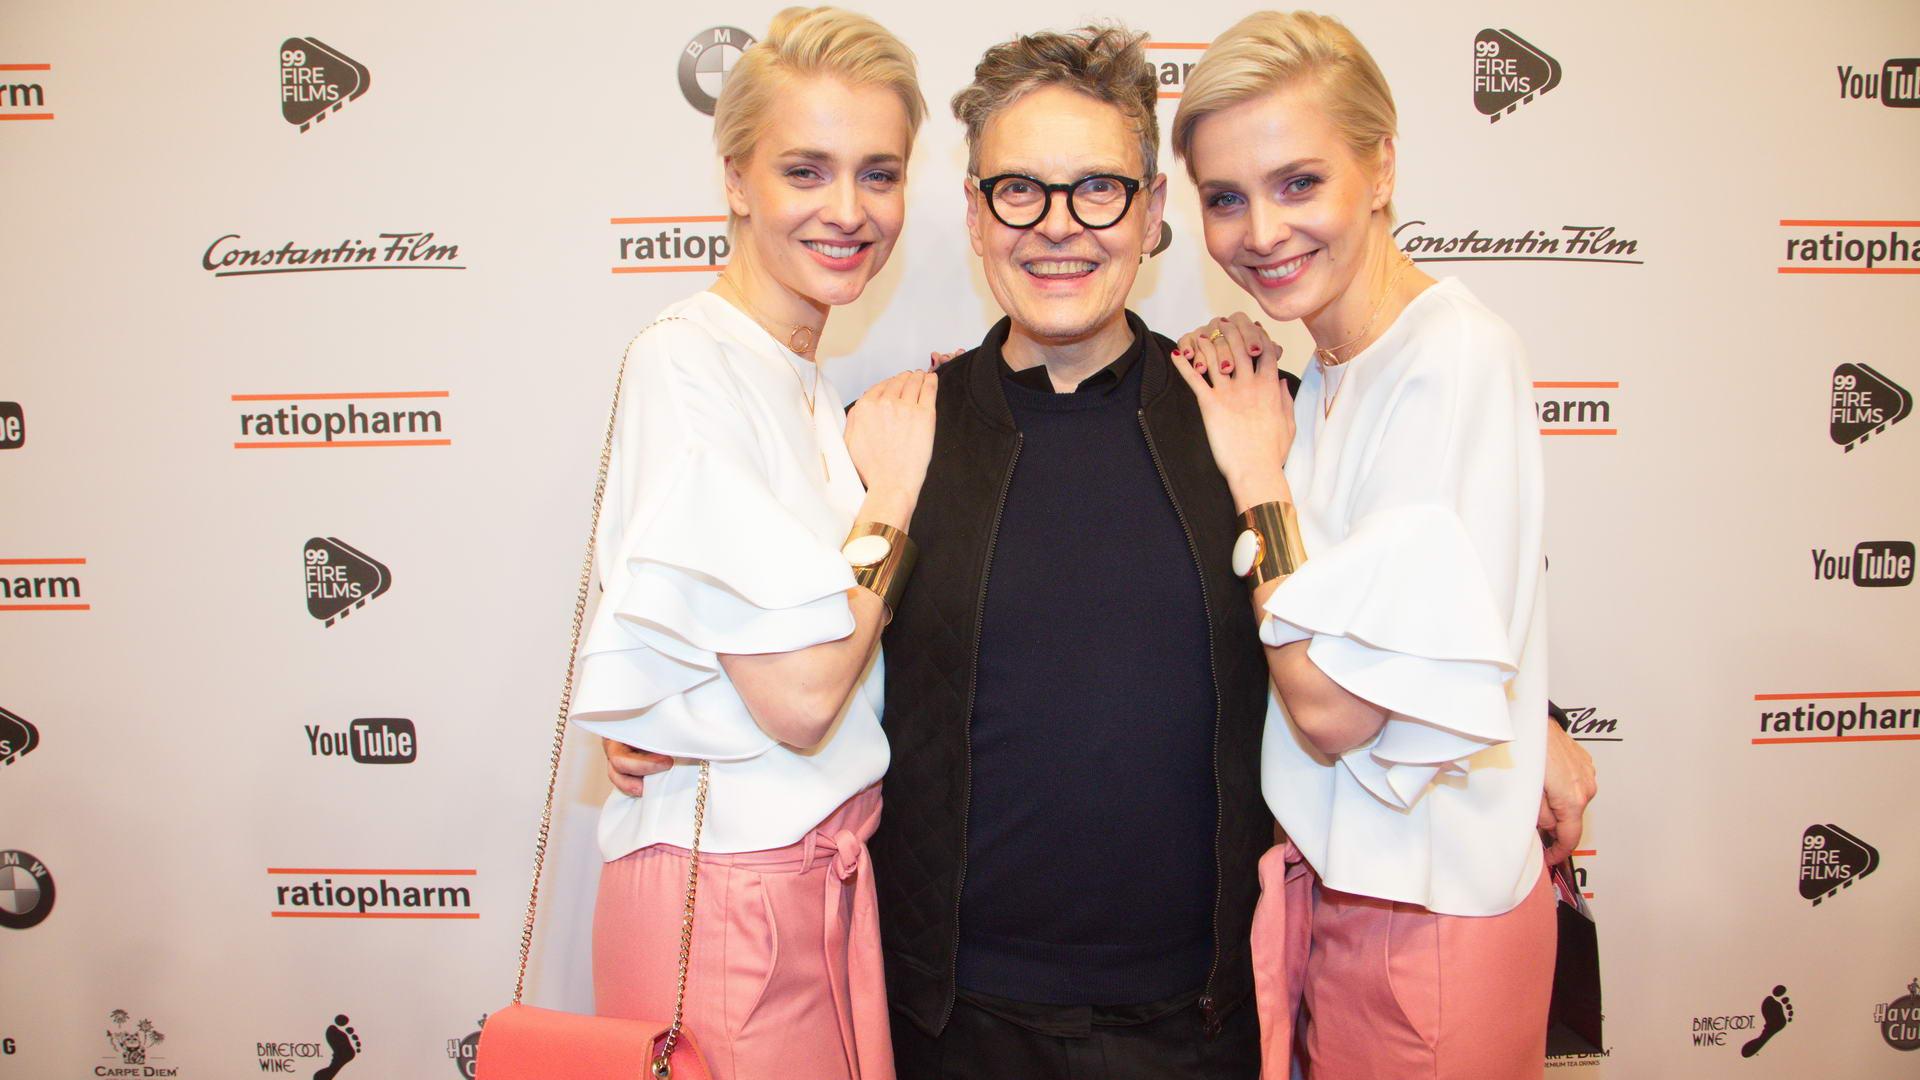 Die Heise Zwillinge mit Rolf Scheider @ 99 Fire-Films Award